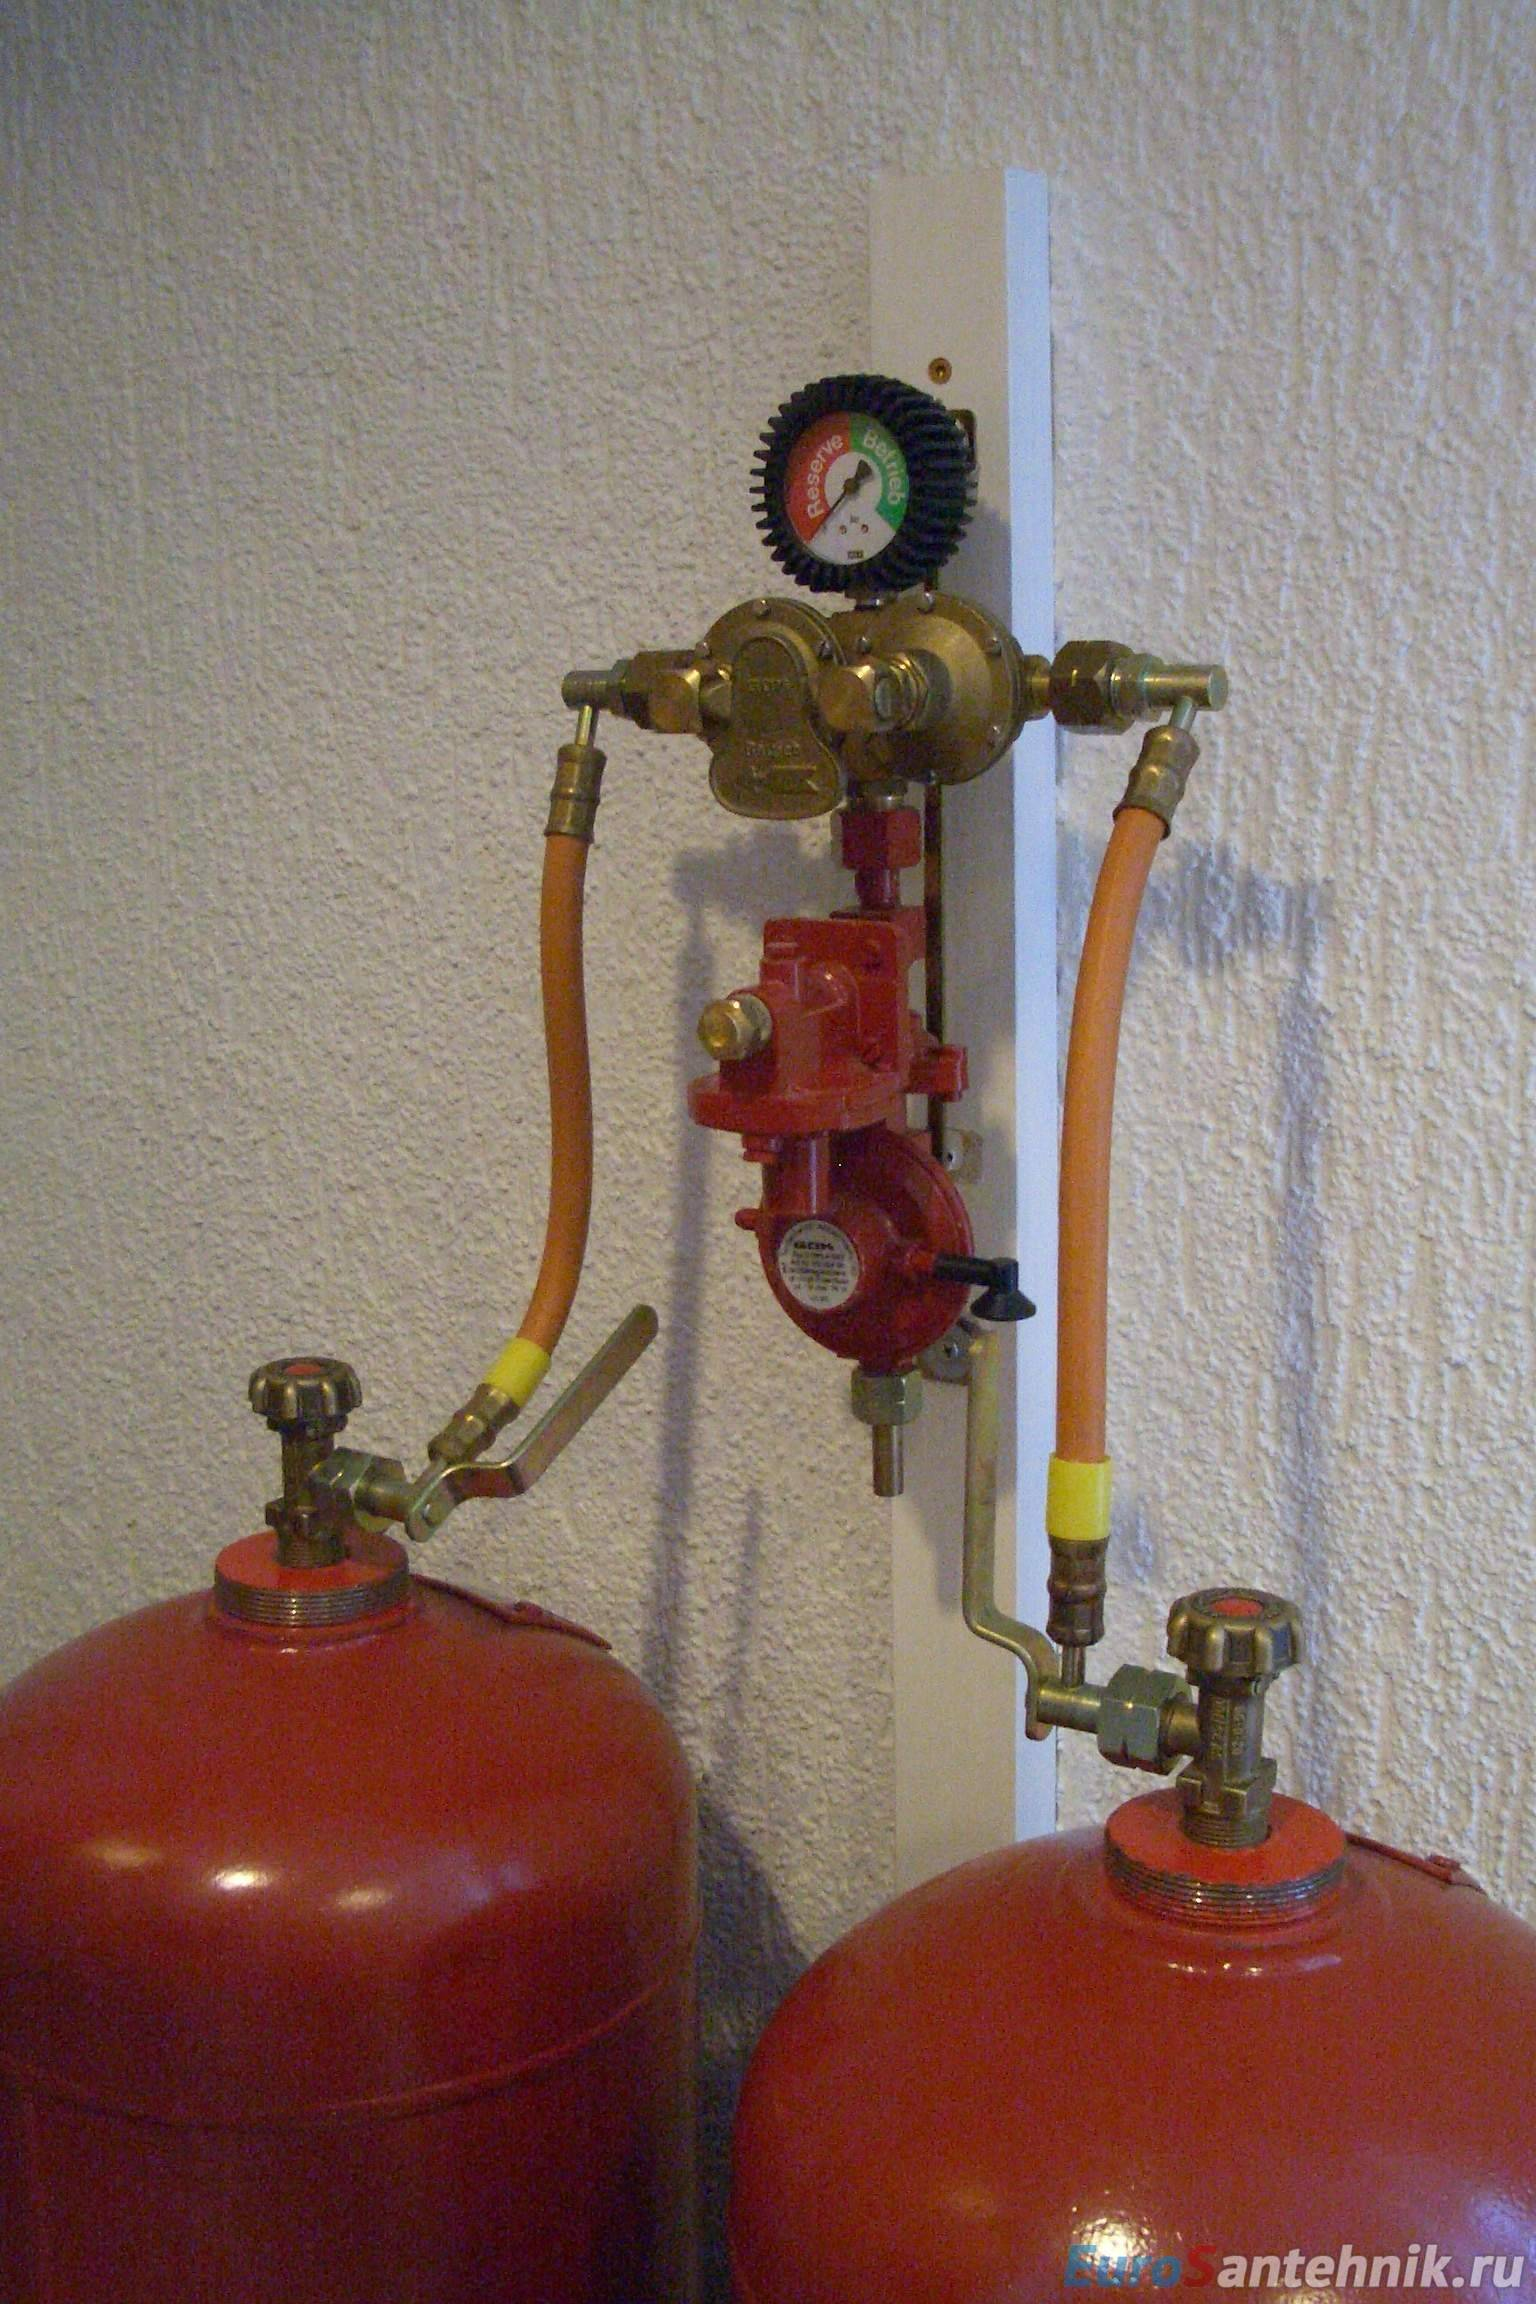 Правила отопления газовыми котлами на баллонах — расход